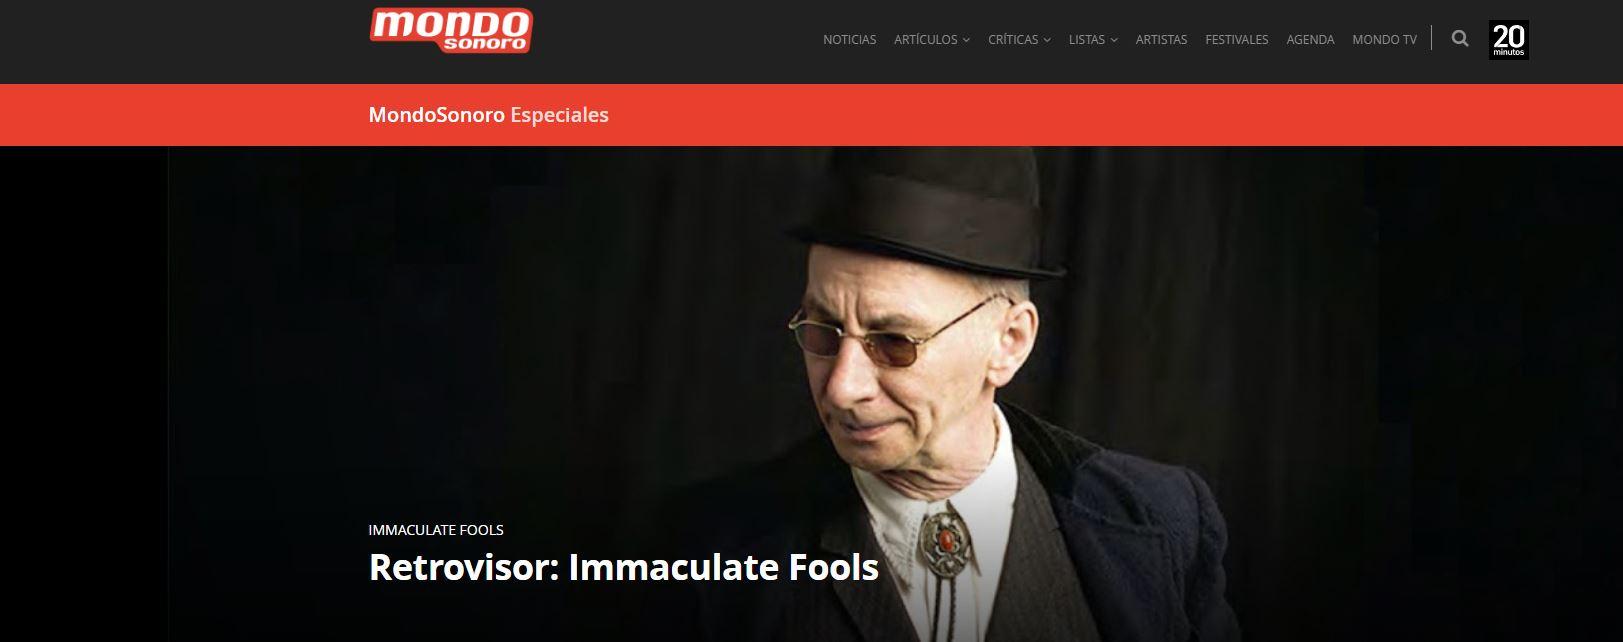 photo clip from magazine MondoSonoro